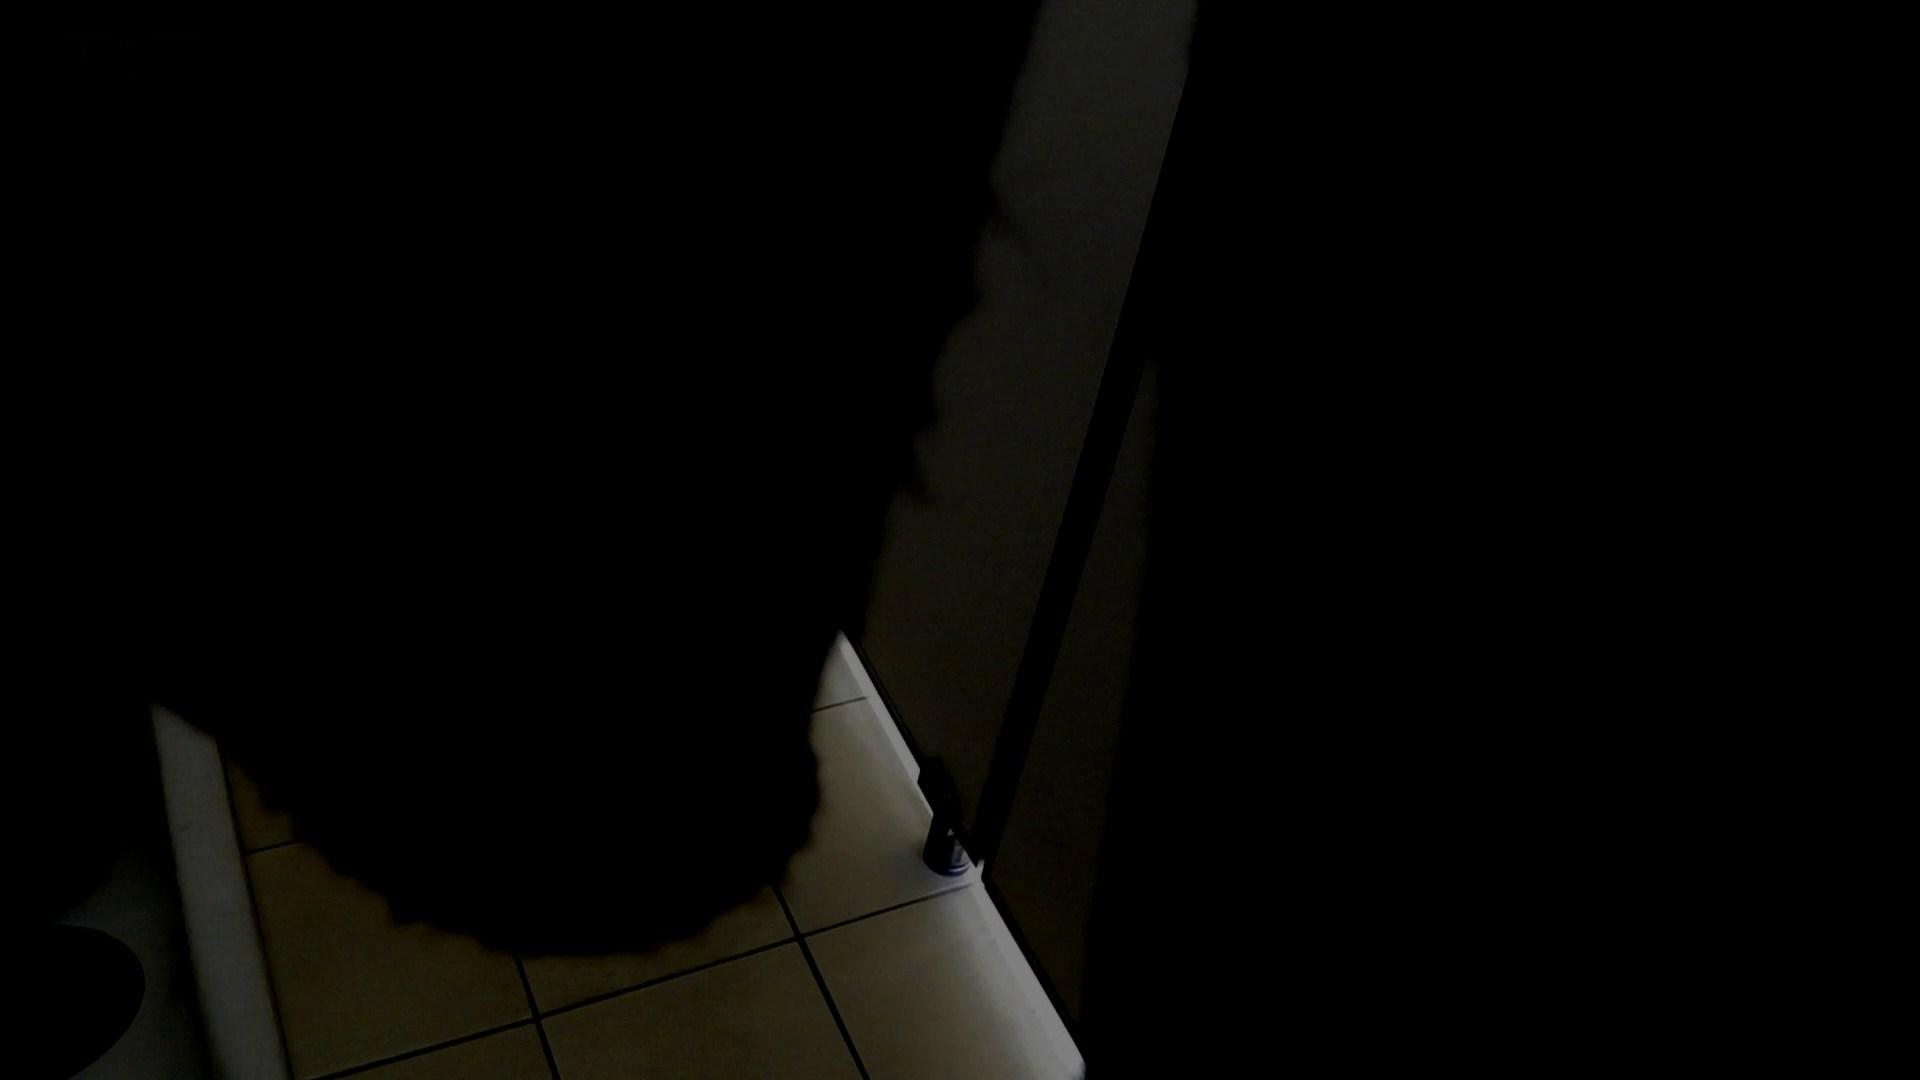 美しい日本の未来 No.11 進歩!【2015・03位】 ギャル盗撮映像 ワレメ動画紹介 103PIX 78